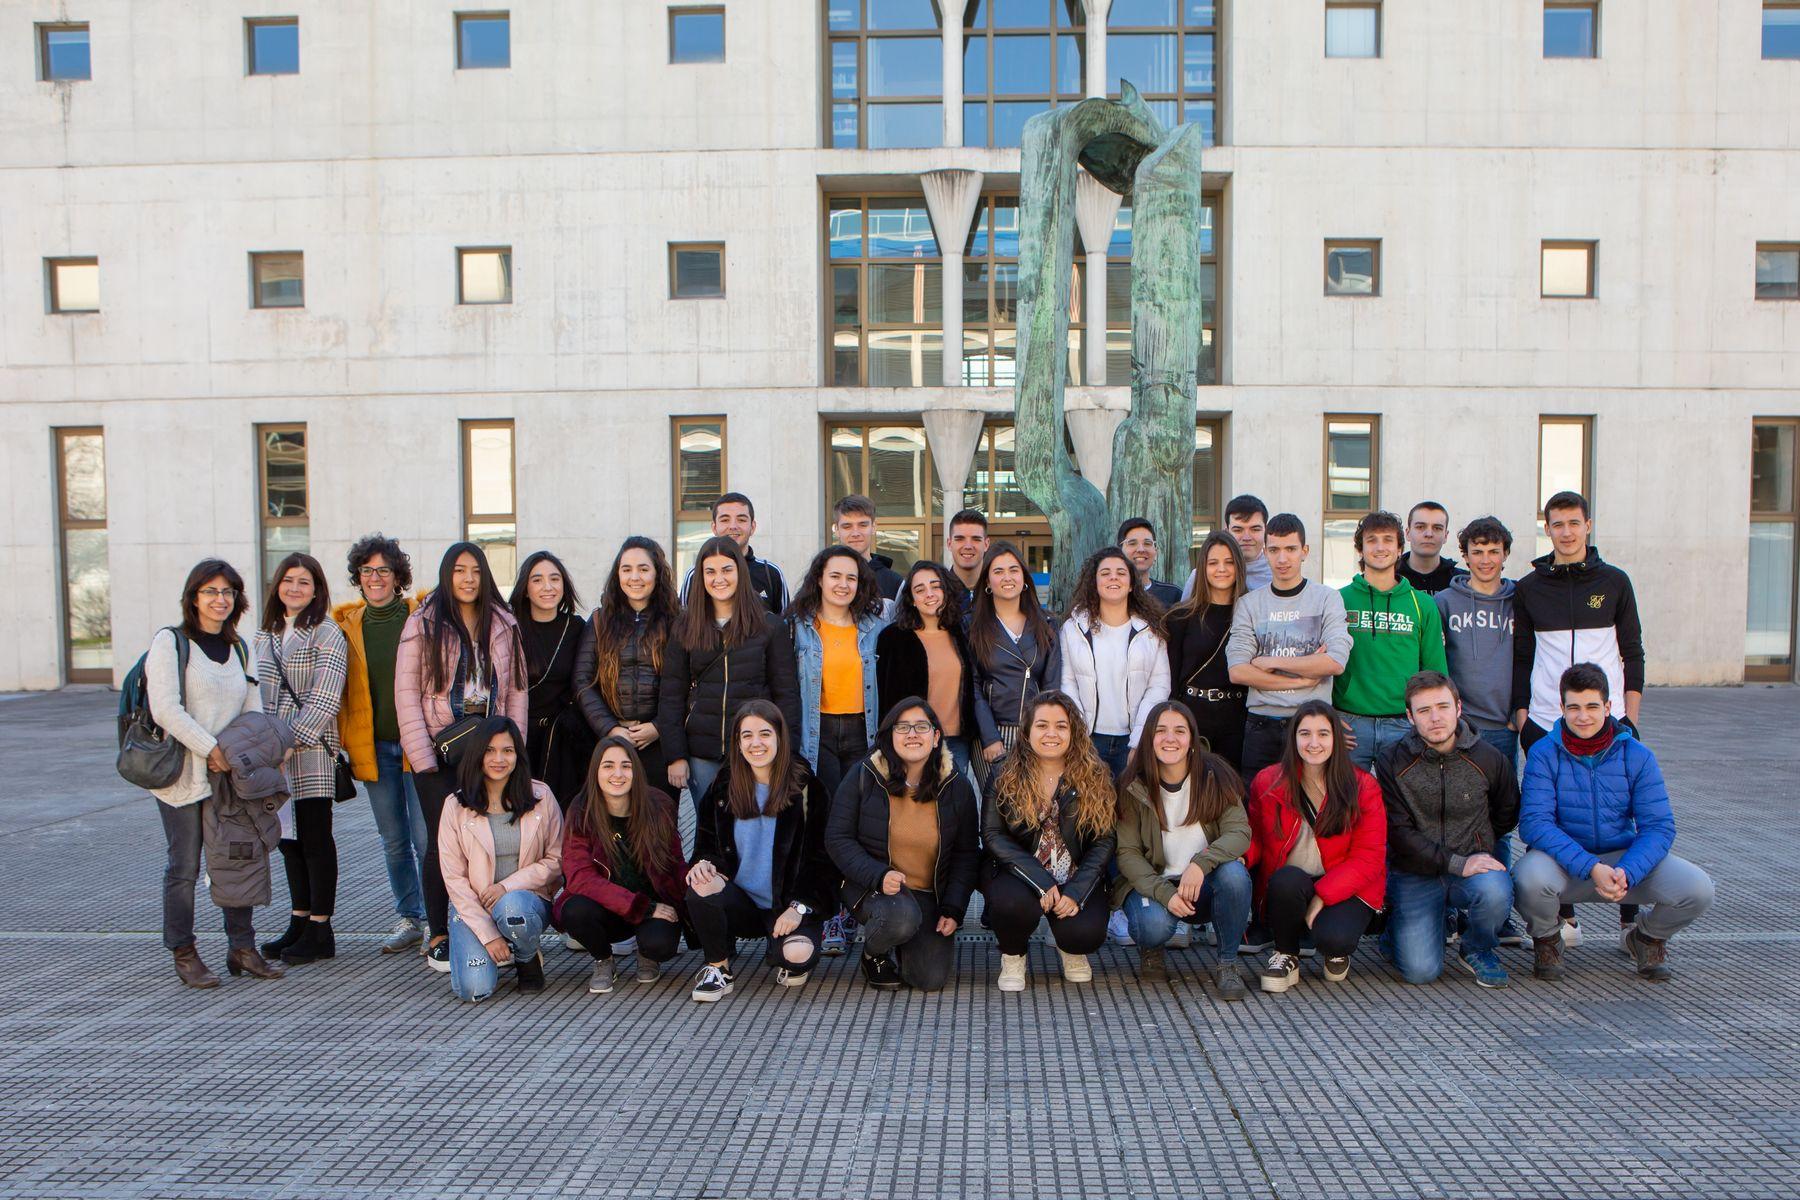 Estudiantes del IES Marqués de Villena de Marcilla posan en el campus de Arrosadia de la UPNA.